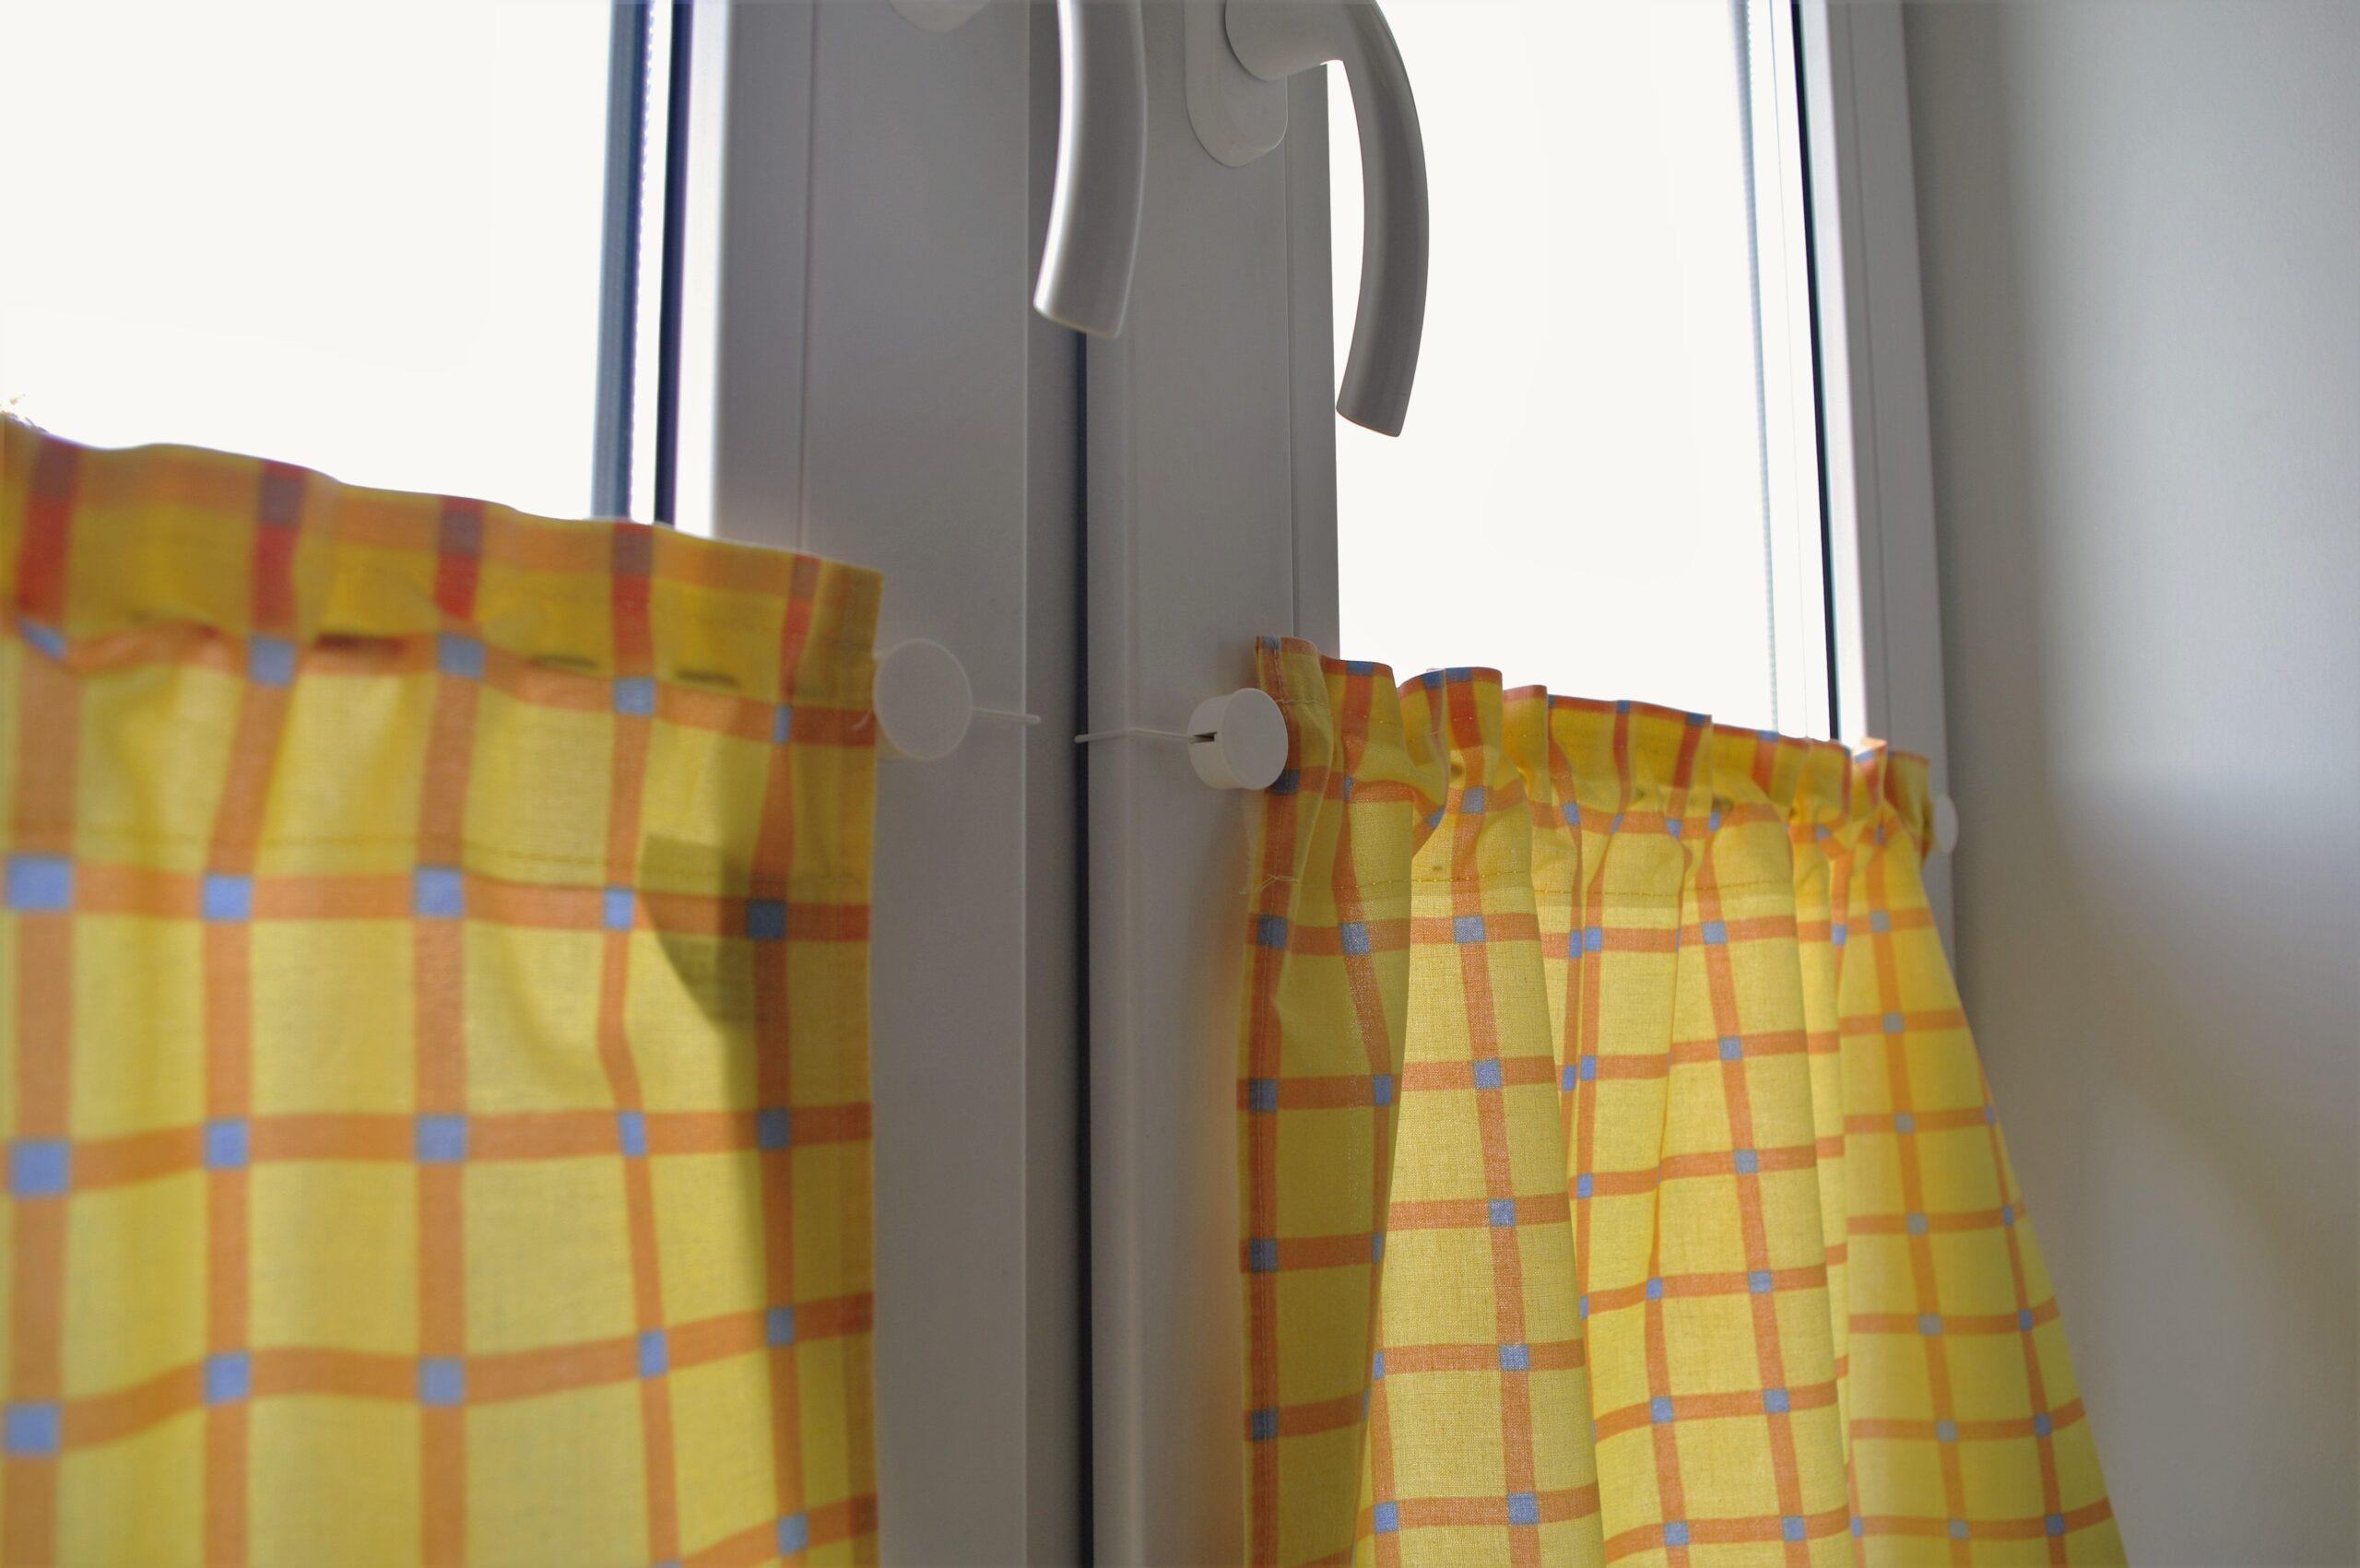 Full Size of Küchengardinen Ikea Eine Gute Alternative Fr Alle Klemmstange Gardinenstange Küche Kosten Miniküche Kaufen Betten 160x200 Modulküche Sofa Mit Wohnzimmer Küchengardinen Ikea